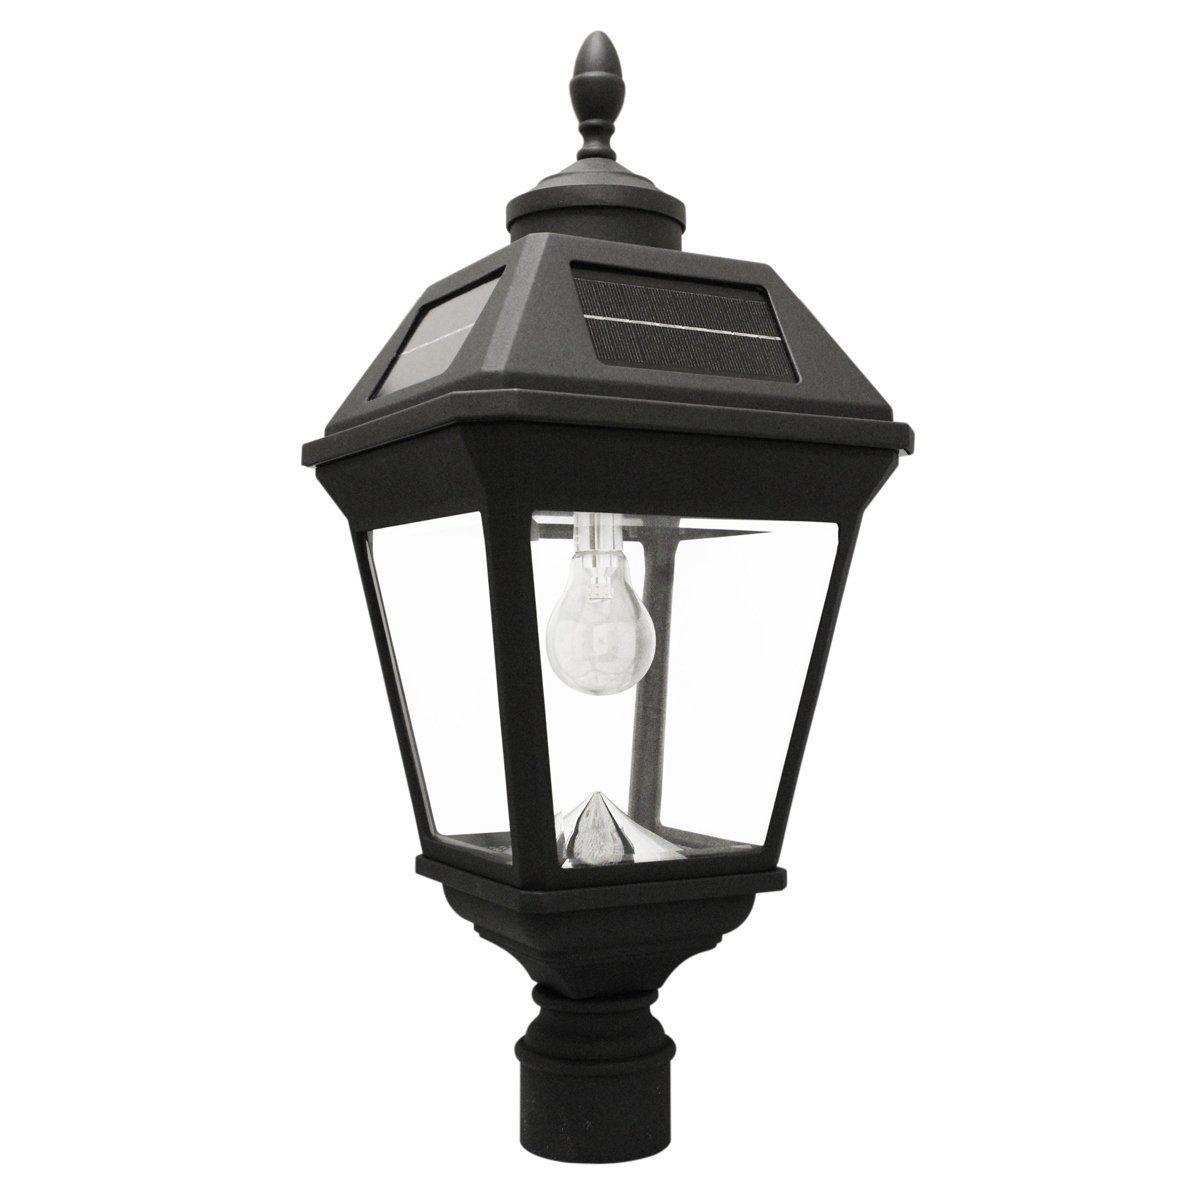 Grayton Bulb Solar Lamp 3 Inch Fitter Mount Black Finish By Havenside Home Solar Post Lights Outdoor Solar Lamps Solar Light Bulb